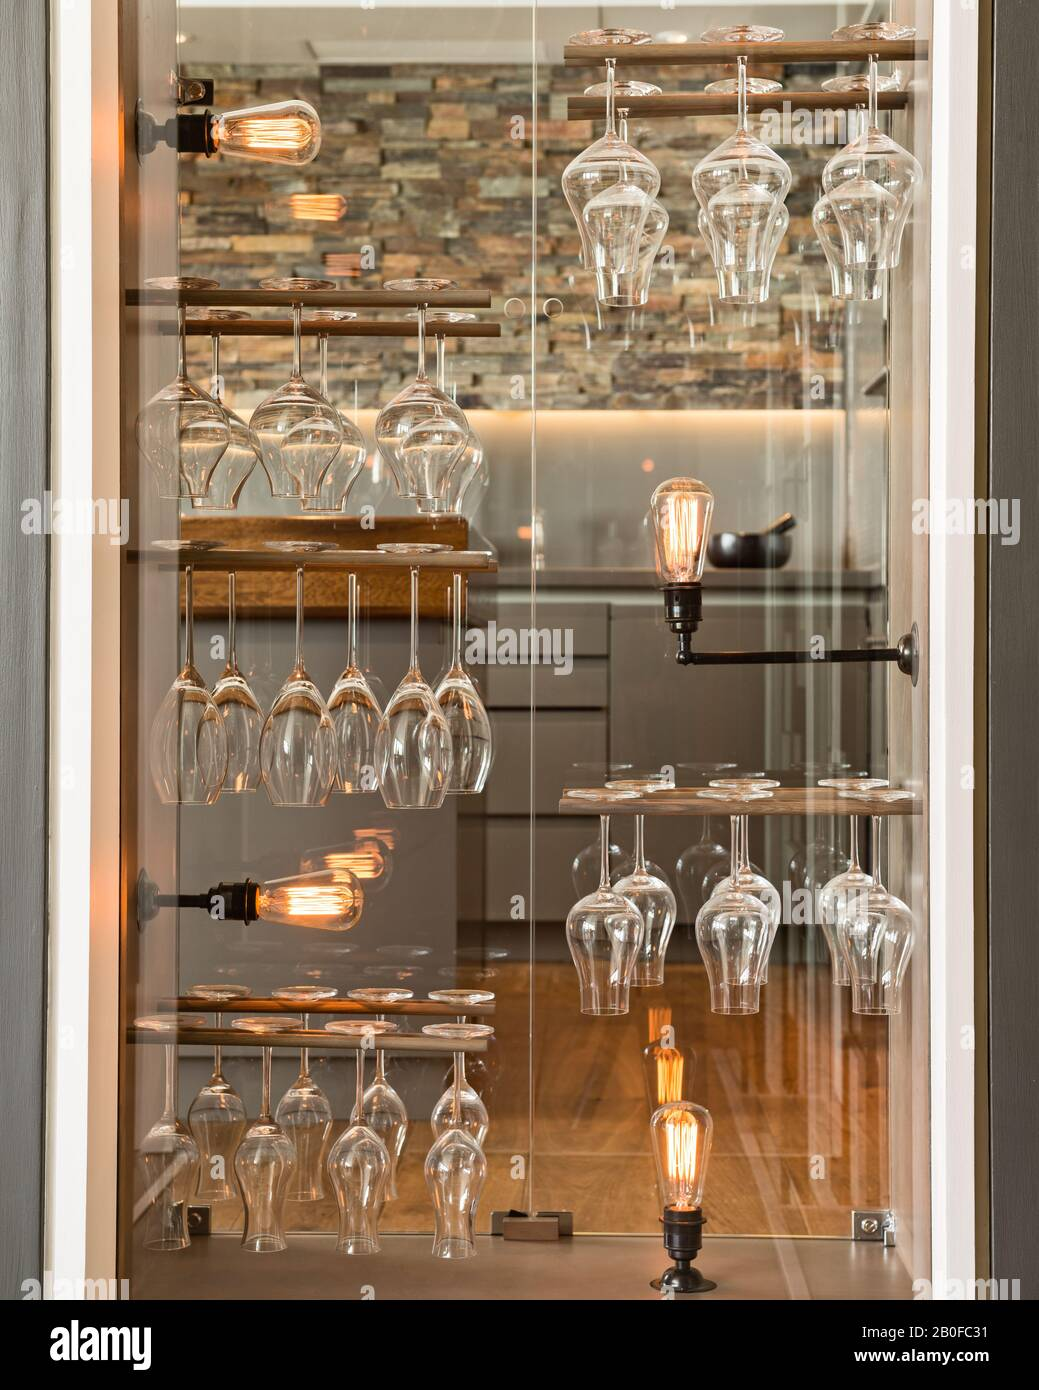 Stoccaggio di occhiali da vista Redel con lampade a incandescenza in armadio porta riproposto. Foto Stock